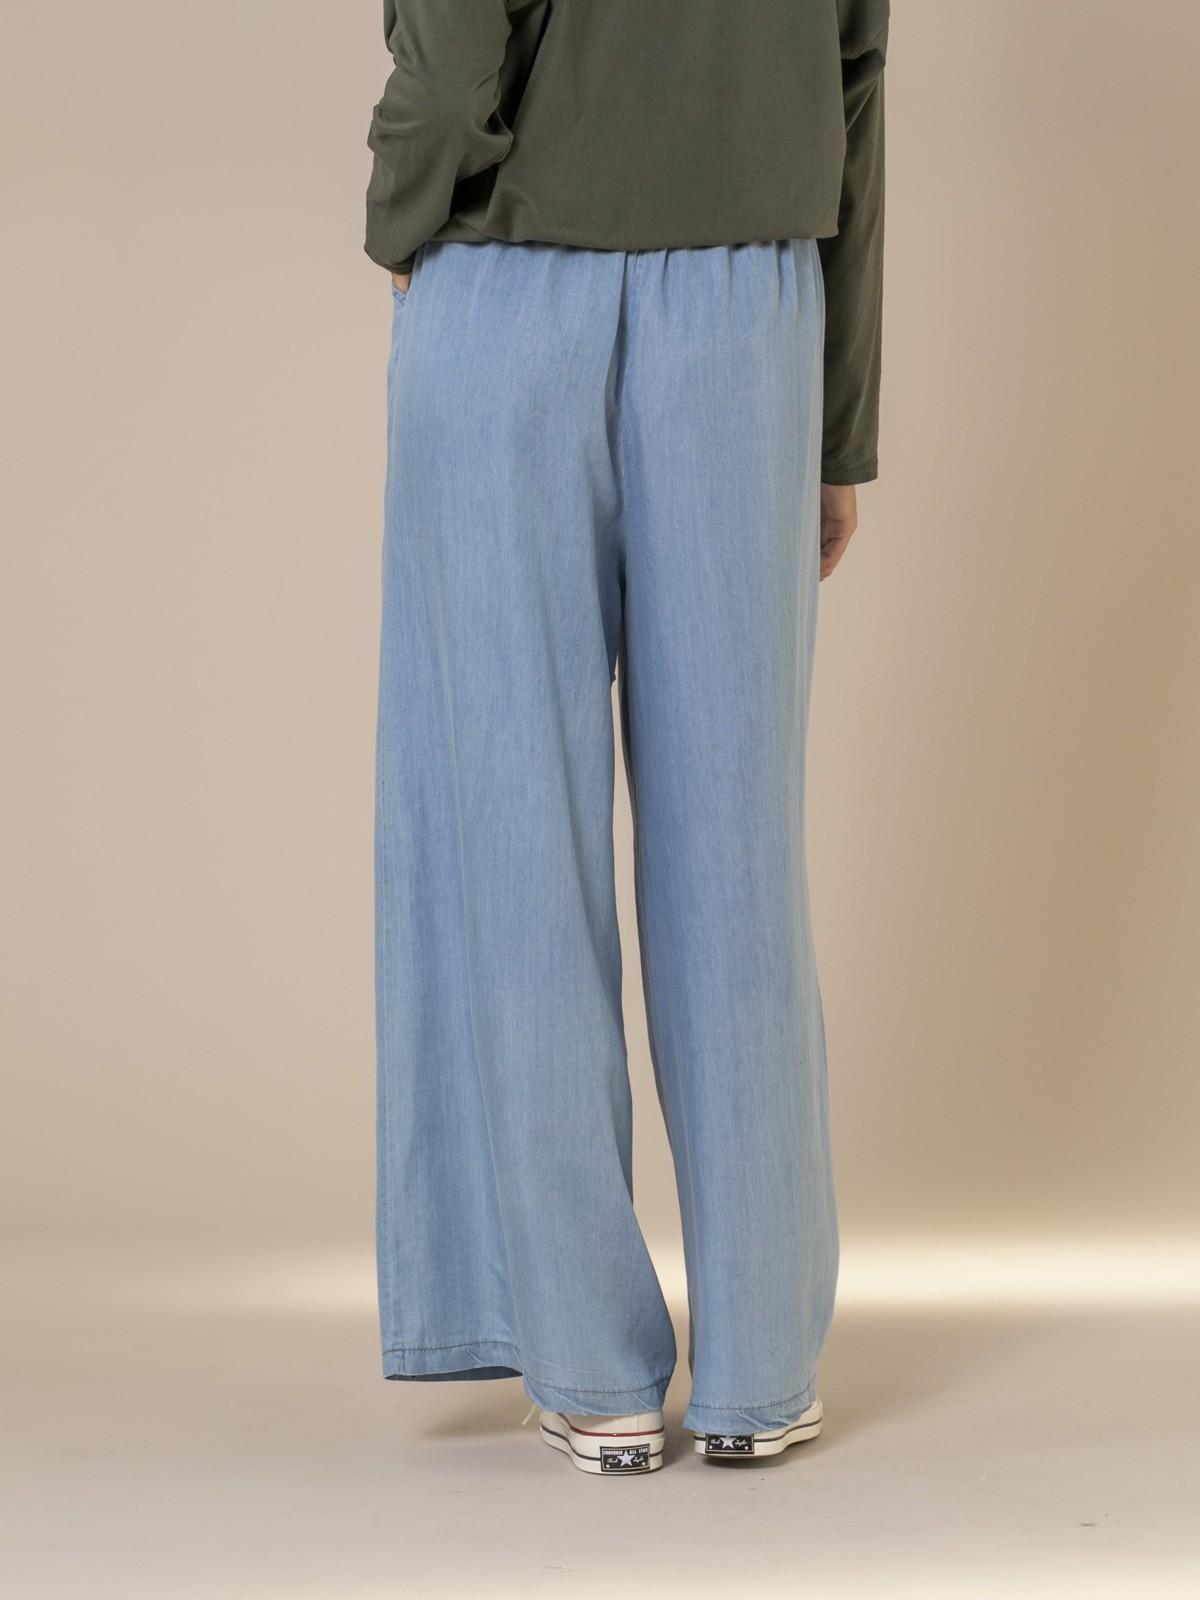 Pantalón tencel mujer Azul Claro